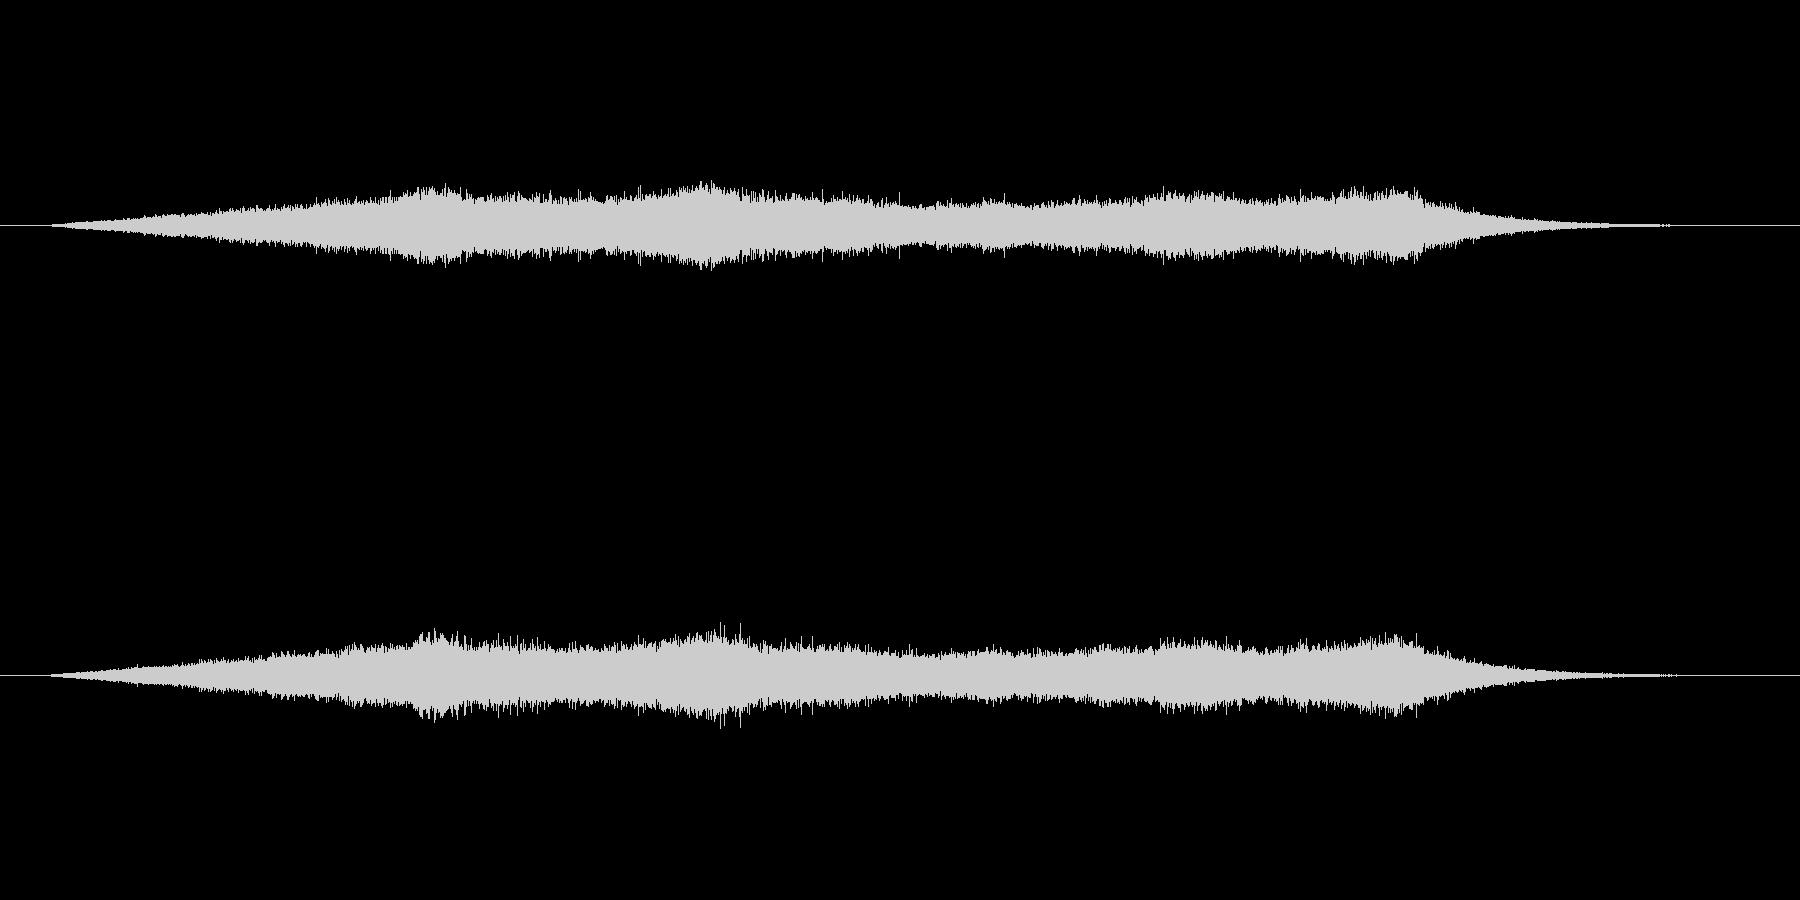 穏やかな波の音の未再生の波形